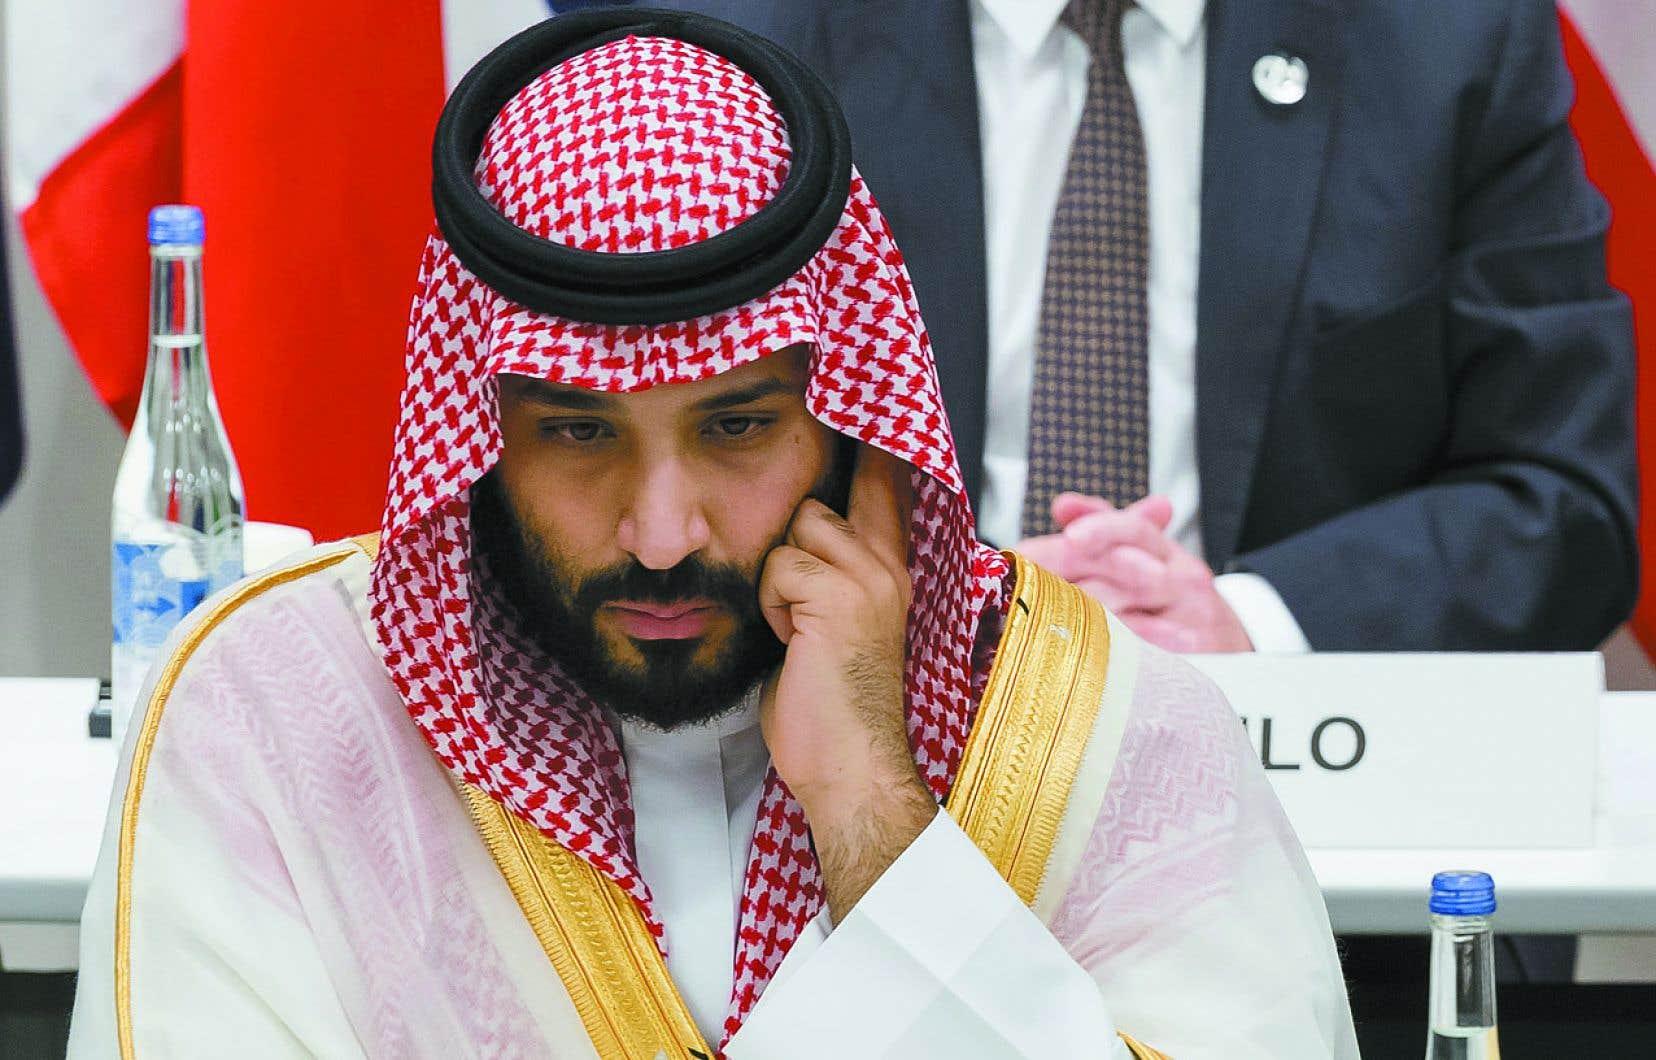 Le régime de Mohammed ben Salmane était impliqué dans l'assassinat du journaliste saoudien Jamal Khashoggi, chroniqueur au «Washington Post», il y a plus d'un an.